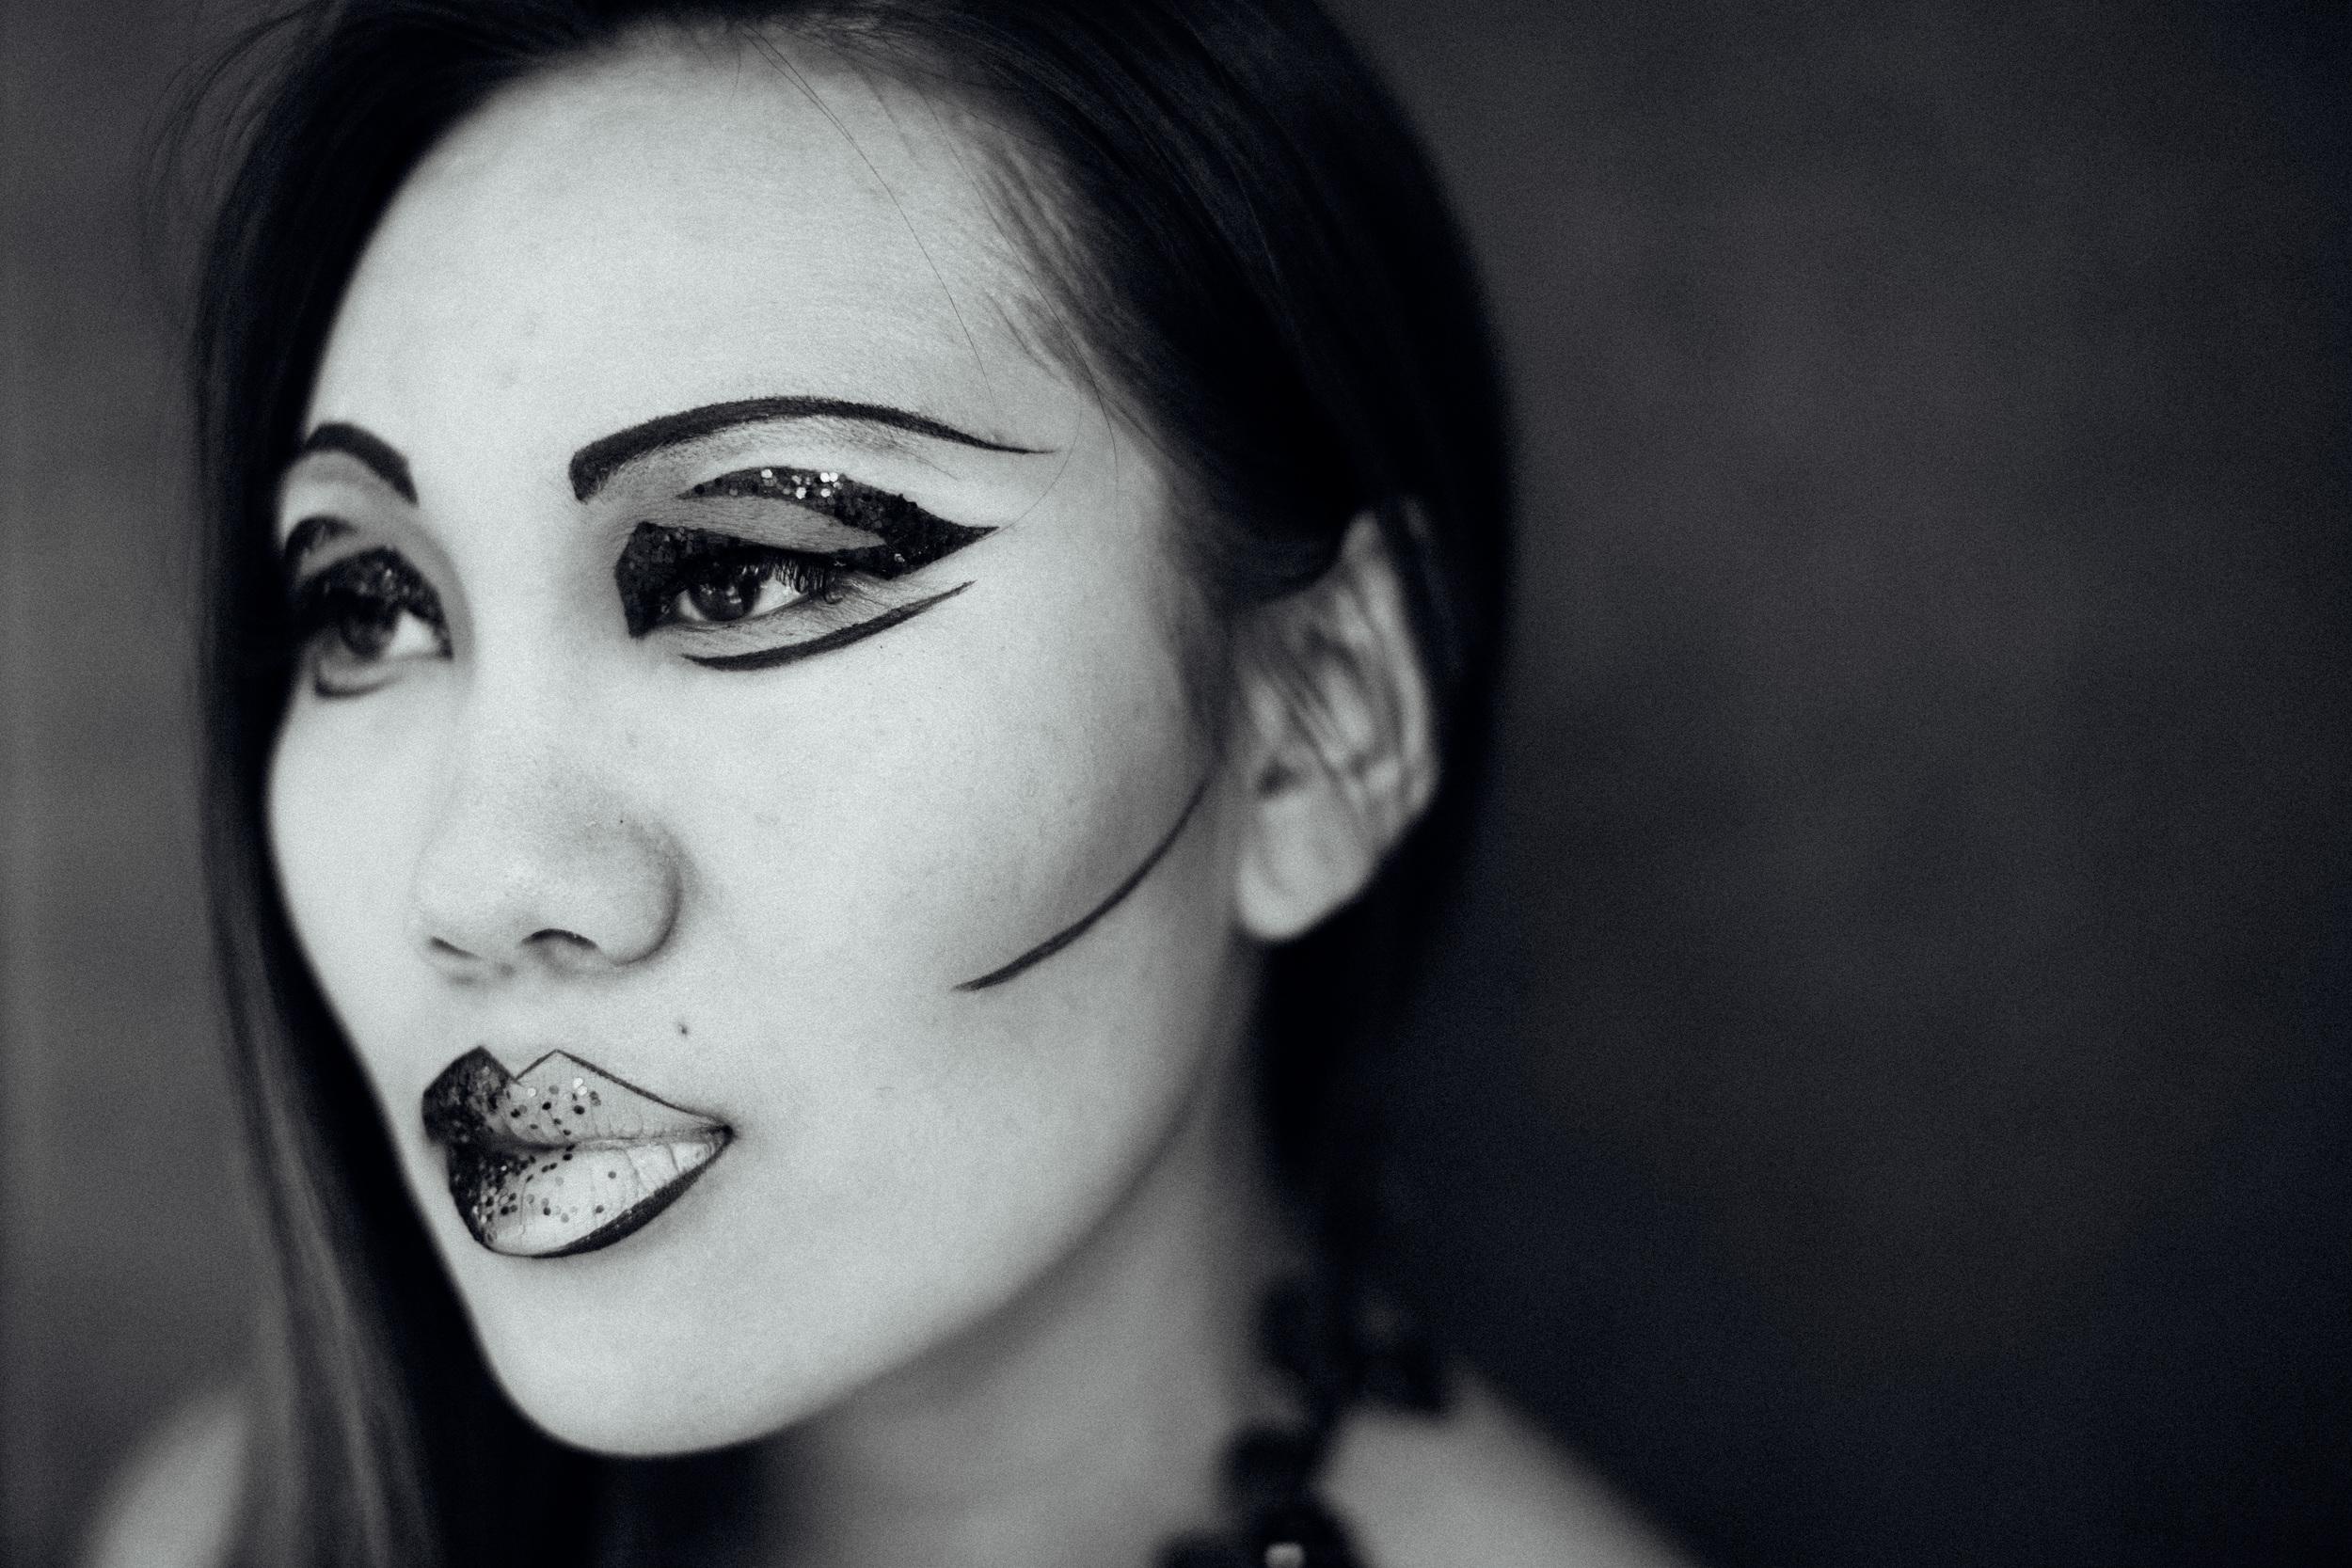 Velvet_Dust_Paracosm_Beauty_Editorial0003.jpg